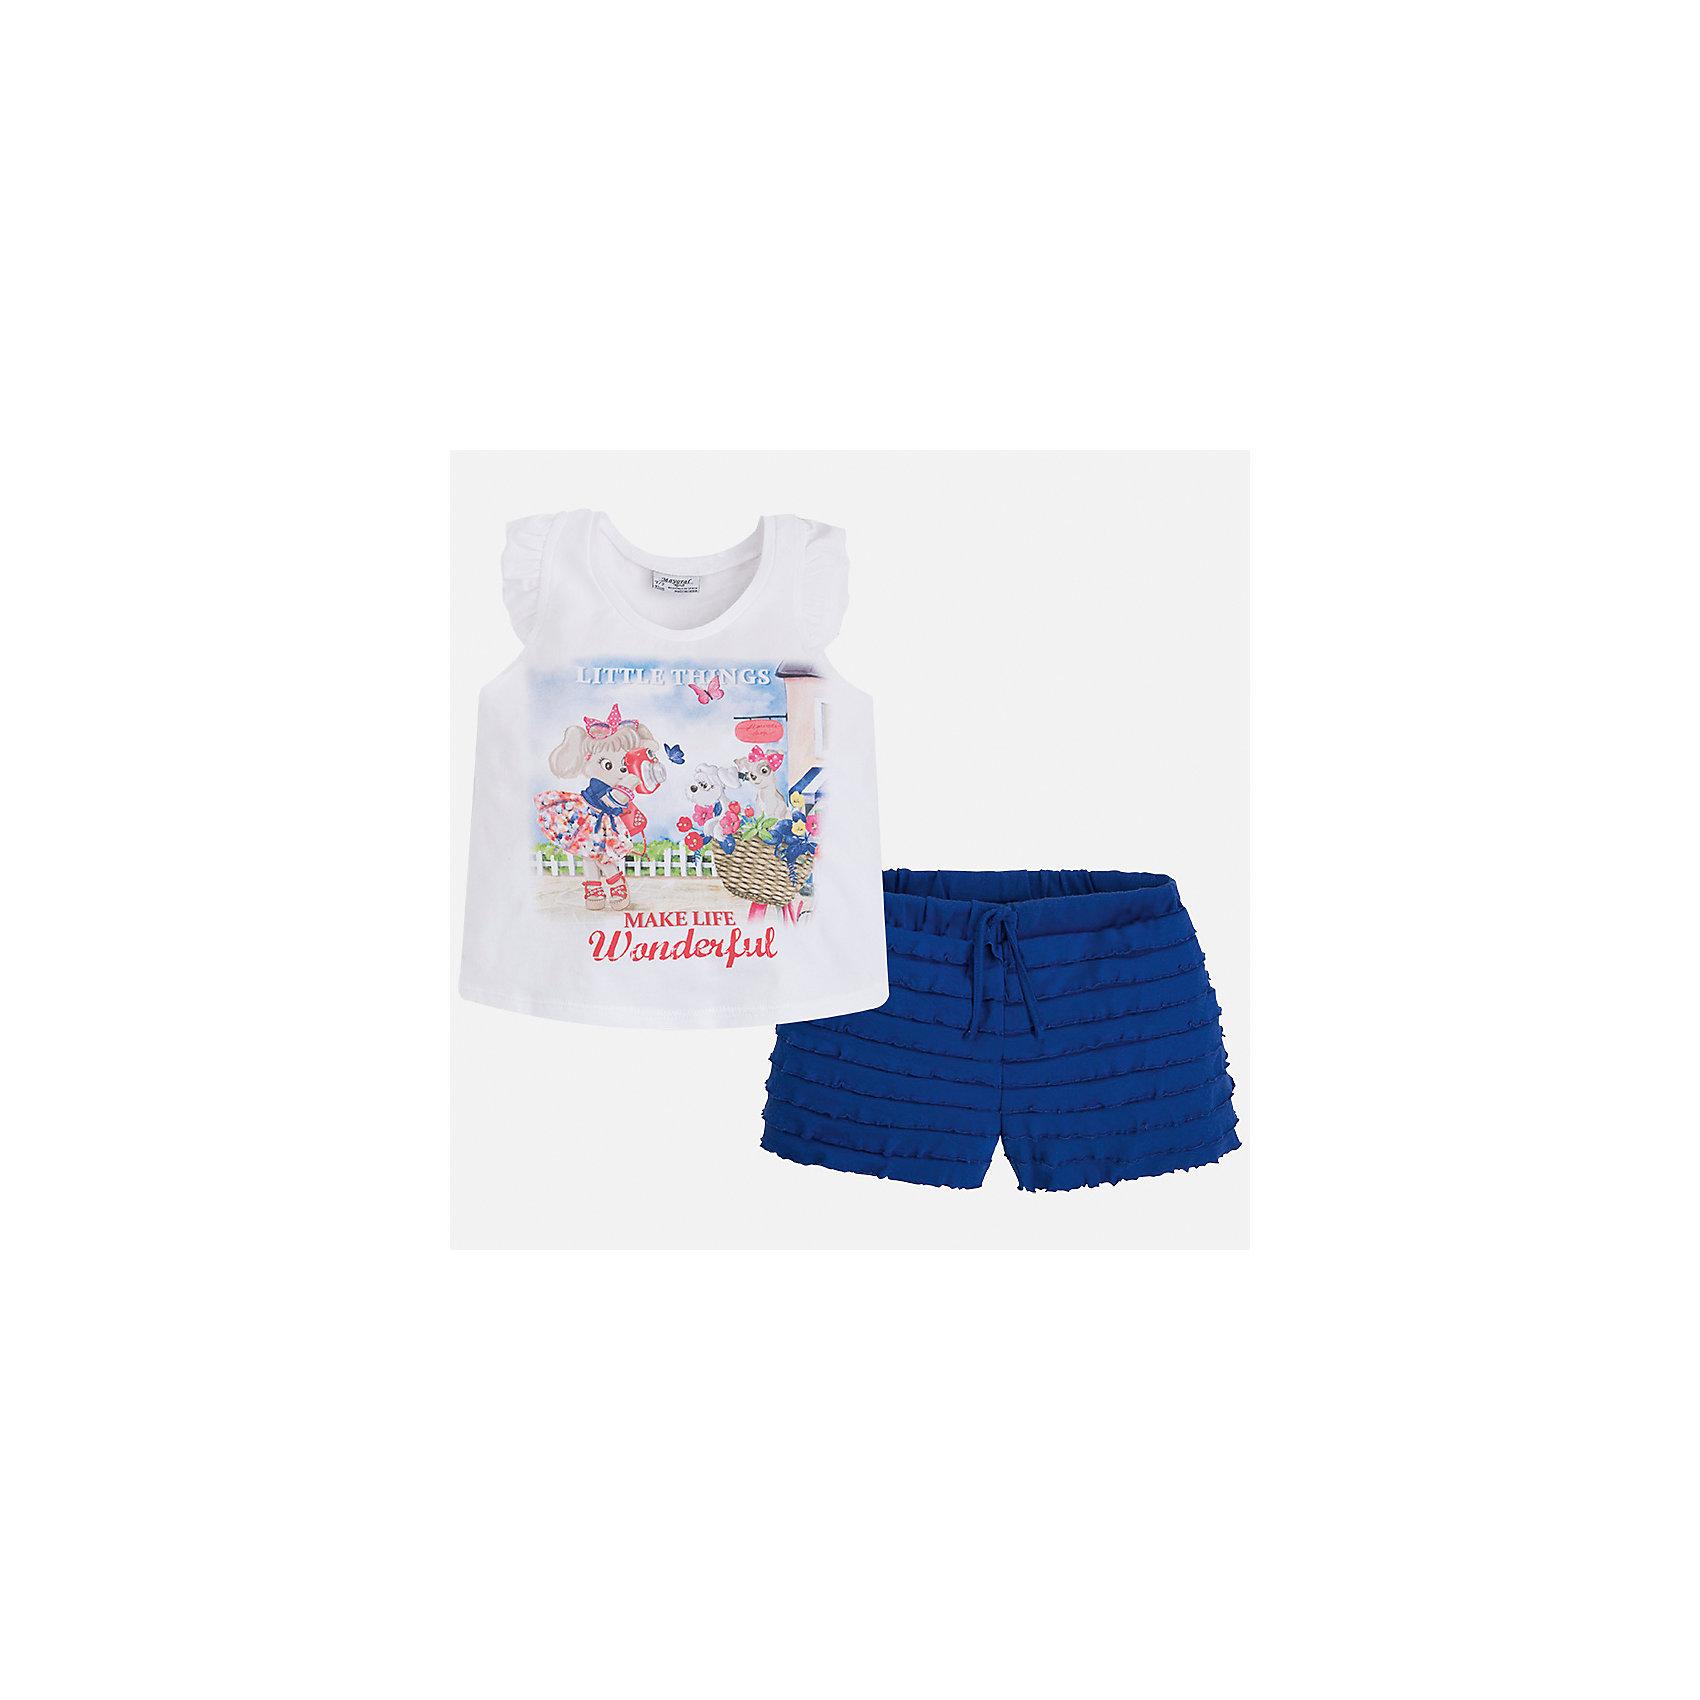 Комплект: футболка с длинным рукавом и шорты для девочки MayoralКомплекты<br>Характеристики товара:<br><br>• цвет: белый/синий<br>• состав: 95% хлопок, 5% эластан<br>• комплектация: футболка, шорты<br>• футболка декорирована принтом<br>• шорты с оборками<br>• пояс на шнурке<br>• страна бренда: Испания<br><br>Модный красивый комплект для девочки поможет разнообразить гардероб ребенка и удобно одеться в теплую погоду. Он отлично сочетается с другими предметами. Универсальный цвет позволяет подобрать к вещам верхнюю одежду практически любой расцветки. Интересная отделка модели делает её нарядной и оригинальной. В составе материала - натуральный хлопок, гипоаллергенный, приятный на ощупь, дышащий.<br><br>Одежда, обувь и аксессуары от испанского бренда Mayoral полюбились детям и взрослым по всему миру. Модели этой марки - стильные и удобные. Для их производства используются только безопасные, качественные материалы и фурнитура. Порадуйте ребенка модными и красивыми вещами от Mayoral! <br><br>Комплект для девочки от испанского бренда Mayoral (Майорал) можно купить в нашем интернет-магазине.<br><br>Ширина мм: 191<br>Глубина мм: 10<br>Высота мм: 175<br>Вес г: 273<br>Цвет: синий<br>Возраст от месяцев: 60<br>Возраст до месяцев: 72<br>Пол: Женский<br>Возраст: Детский<br>Размер: 116,122,110,104,98,92<br>SKU: 5289929